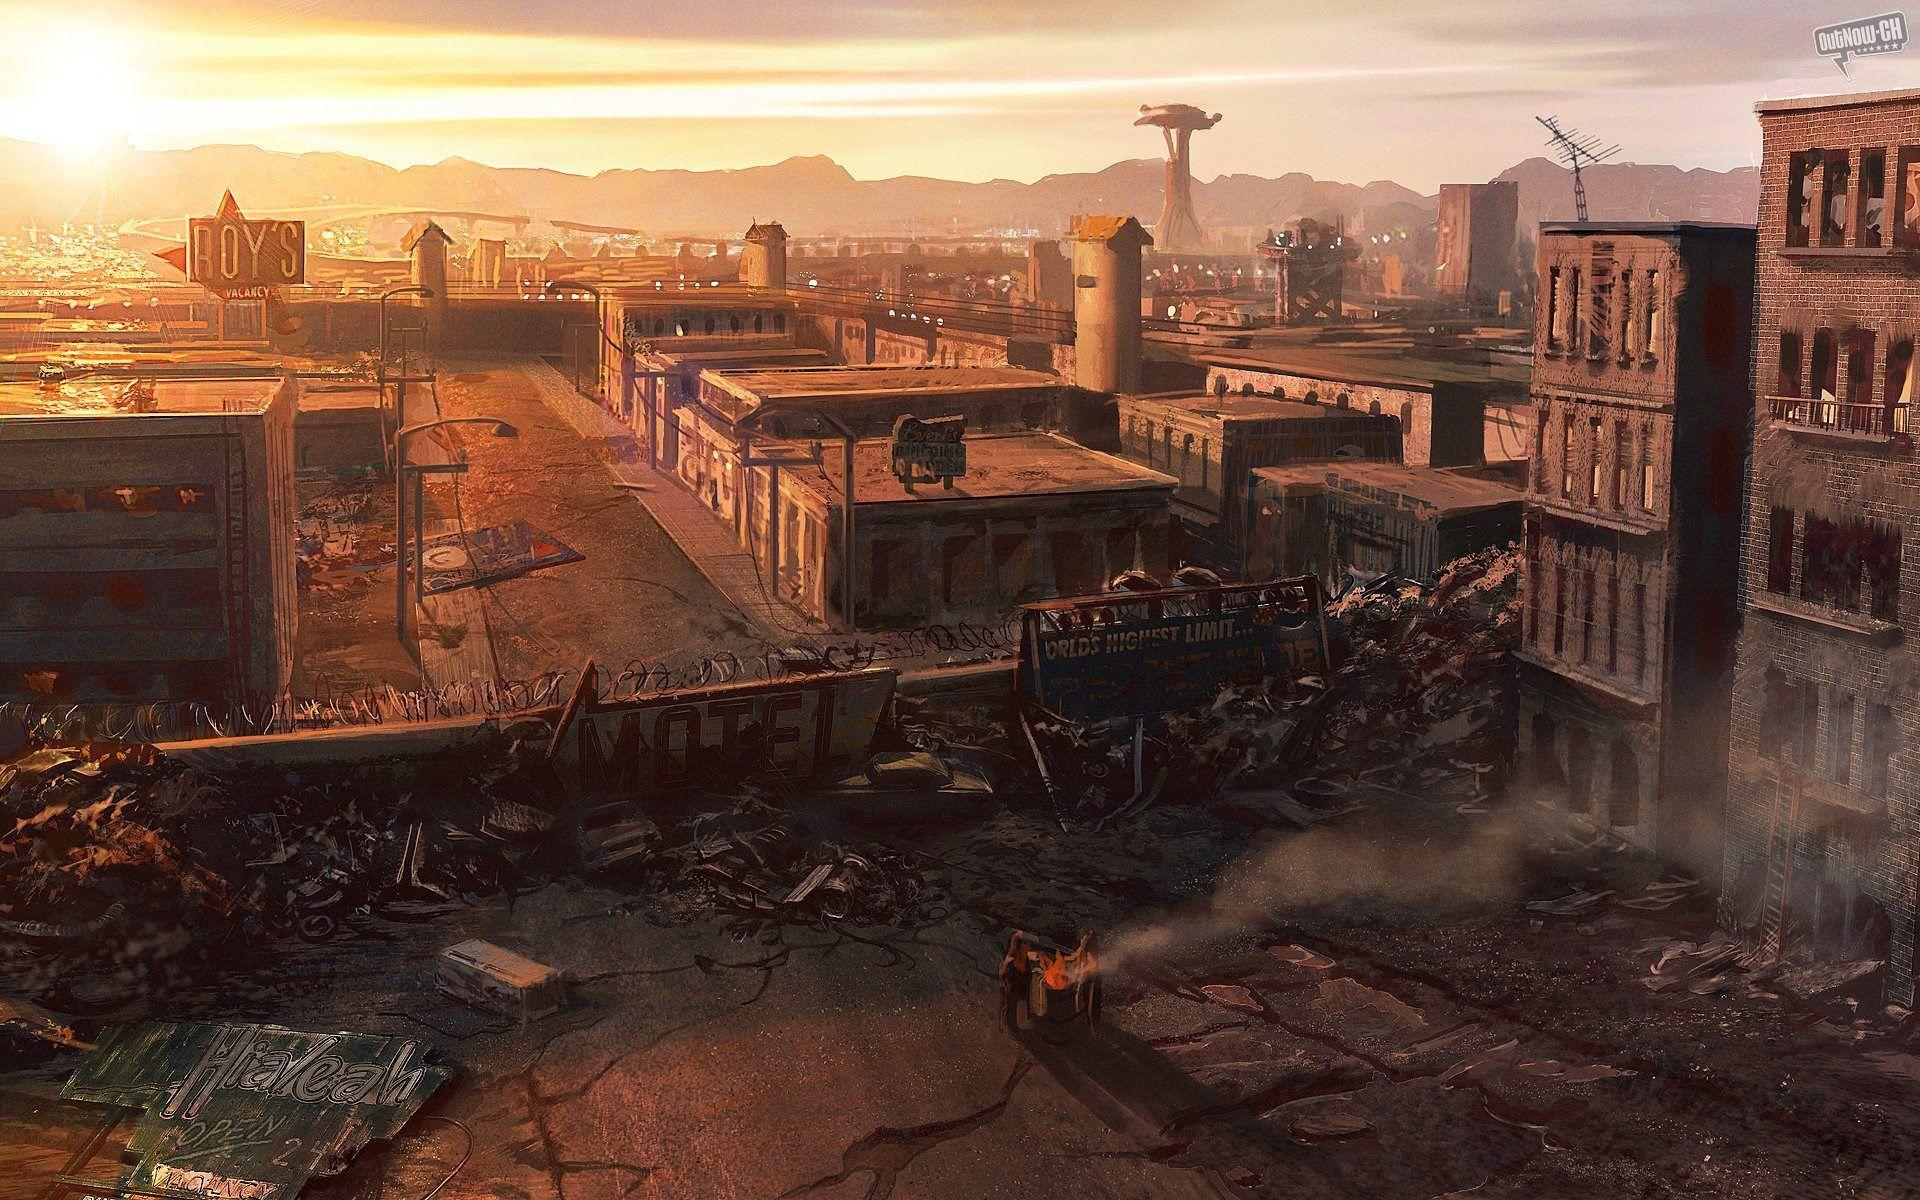 Fallout Wallpaper Photos Free Fallout Concept Art Fallout Wallpaper Fallout New Vegas